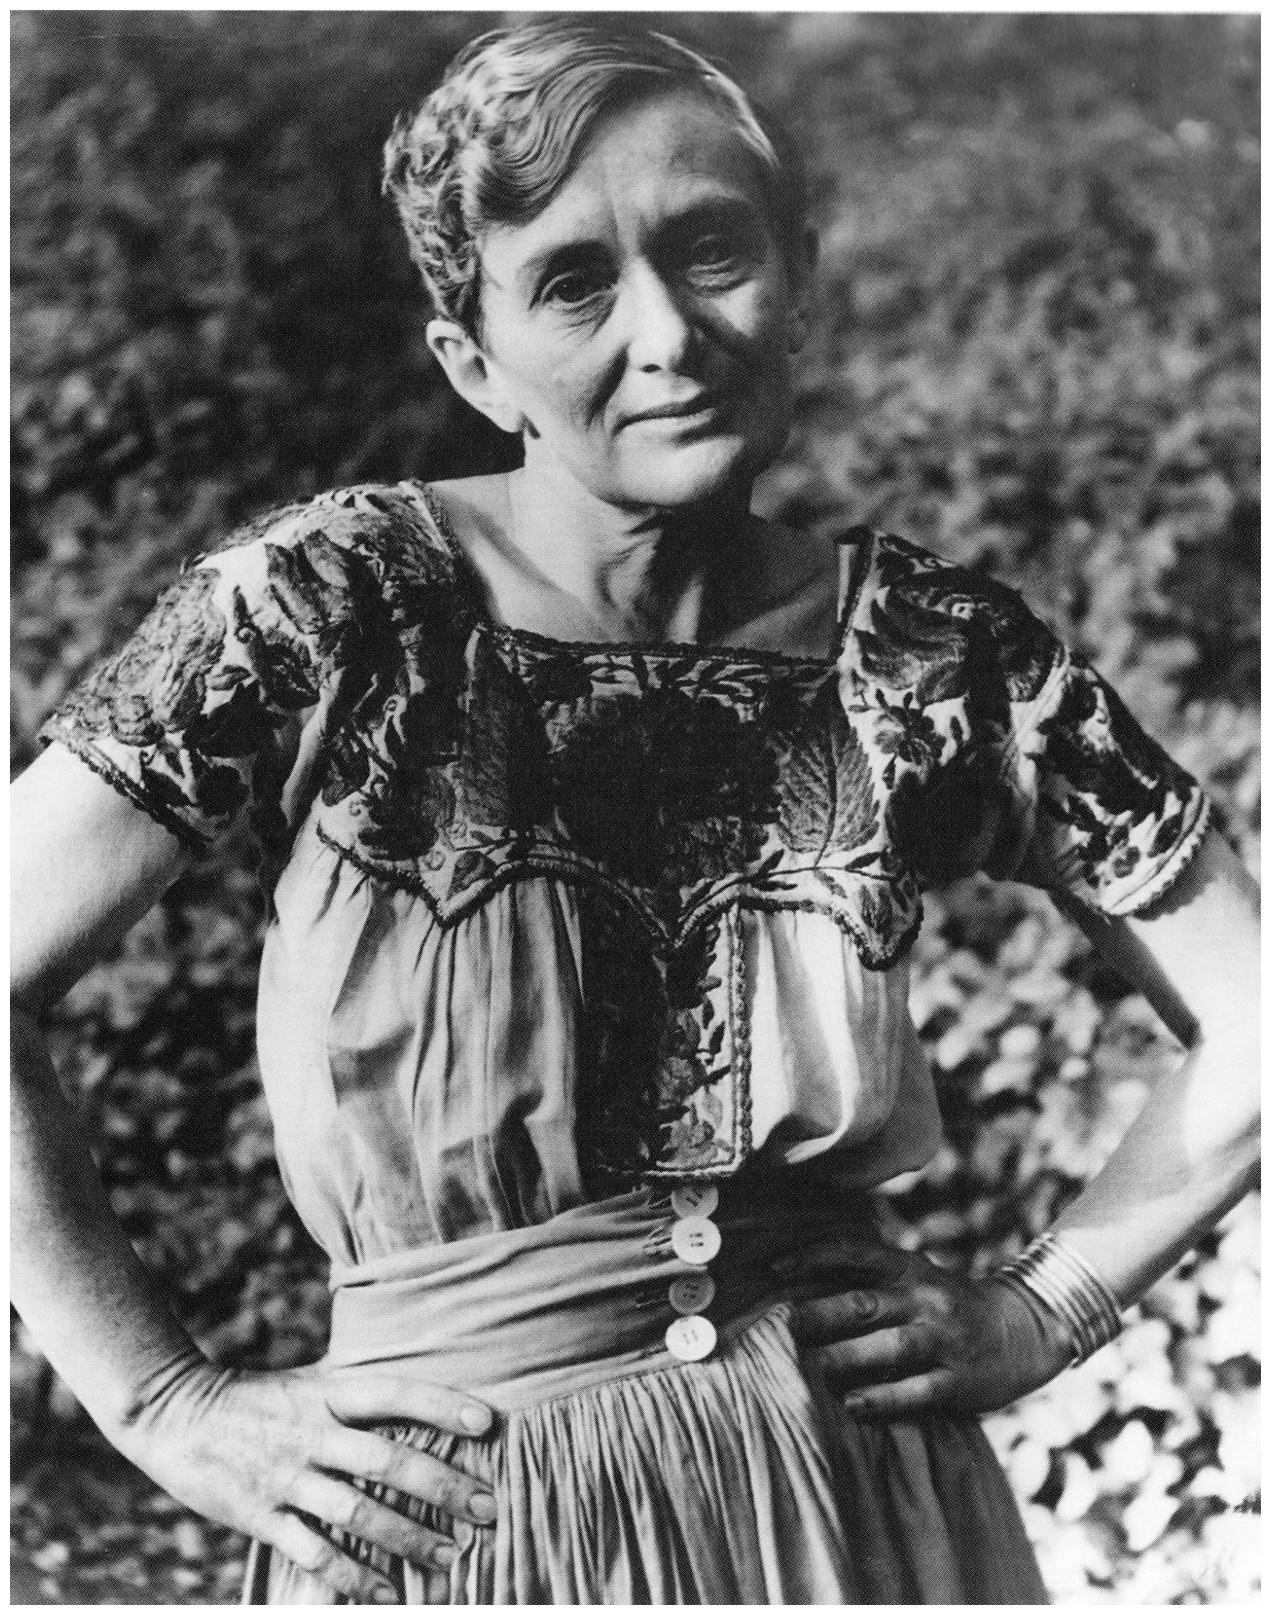 lisette-model-dorothea-lange-sanfrancisco-1946.jpg